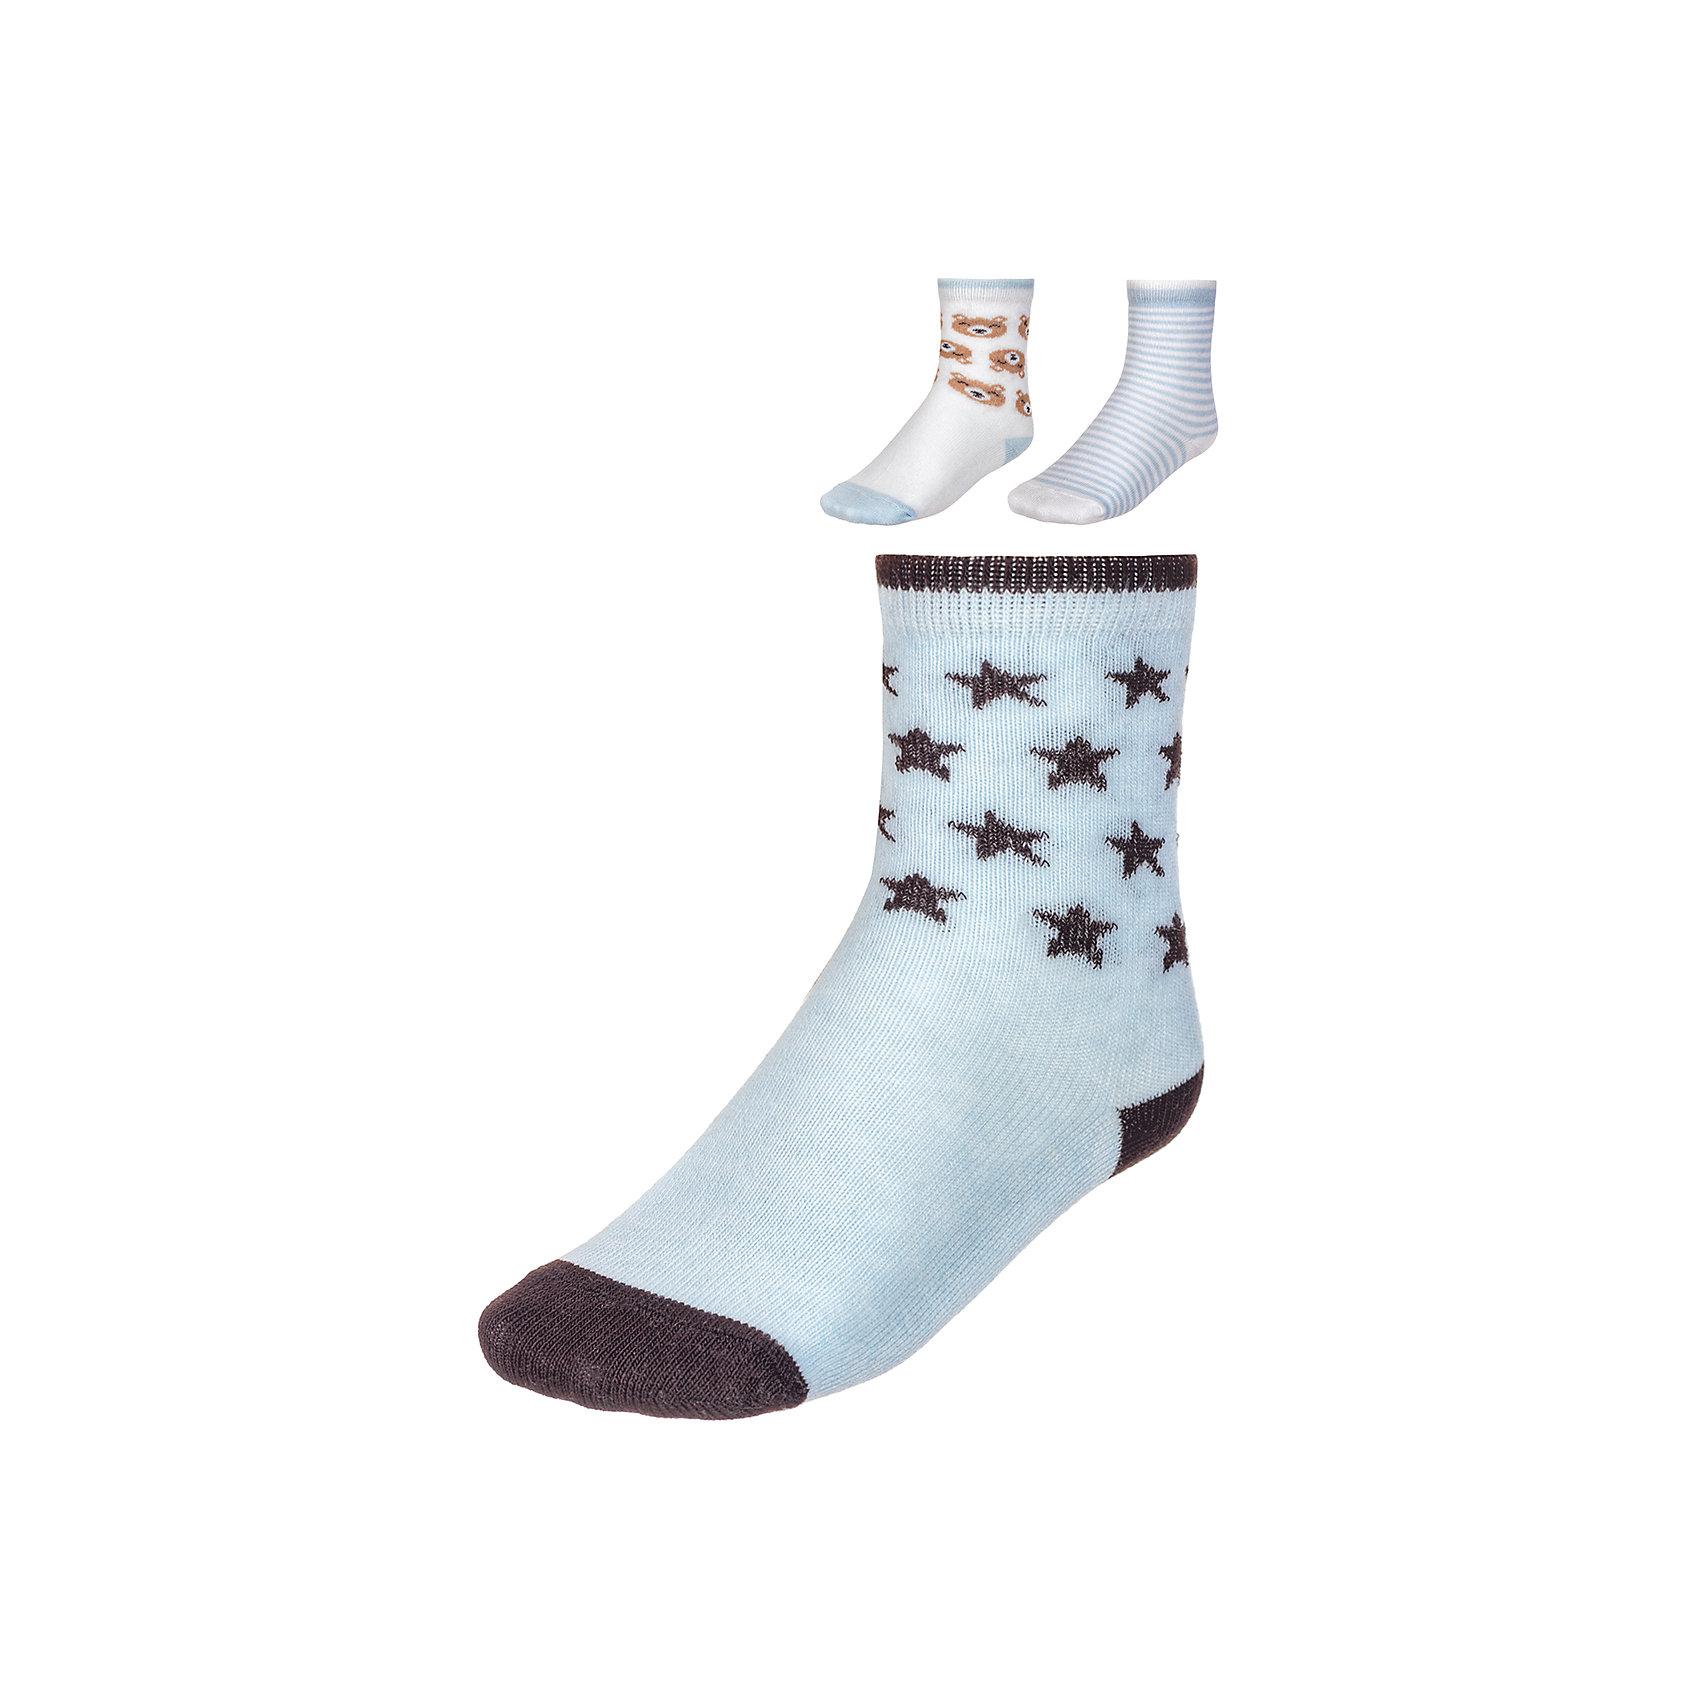 Носки ( 3 пары) BaykarНоски<br>Характеристики товара:<br><br>• цвет: синий<br>• состав ткани: 75% хлопок; 22% полиамид; 3% эластан<br>• комплектация: 3 пары<br>• сезон: круглый год<br>• страна бренда: Турция<br>• страна изготовитель: Турция<br><br>Качественные носки - залог комфорта ребенка. Этот набор носков от турецкого бренда Baykar позволит обеспечить ногам ребенка удобство.<br><br>Хлопковые носки дают коже дышать, хорошо впитывают влагу. Мягкая резинка не давит на ногу.<br><br>Носки (3 пары) Baykar (Байкар) можно купить в нашем интернет-магазине.<br><br>Ширина мм: 87<br>Глубина мм: 10<br>Высота мм: 105<br>Вес г: 115<br>Цвет: синий<br>Возраст от месяцев: 18<br>Возраст до месяцев: 24<br>Пол: Унисекс<br>Возраст: Детский<br>Размер: 15/16,10-12,10-14<br>SKU: 6863882